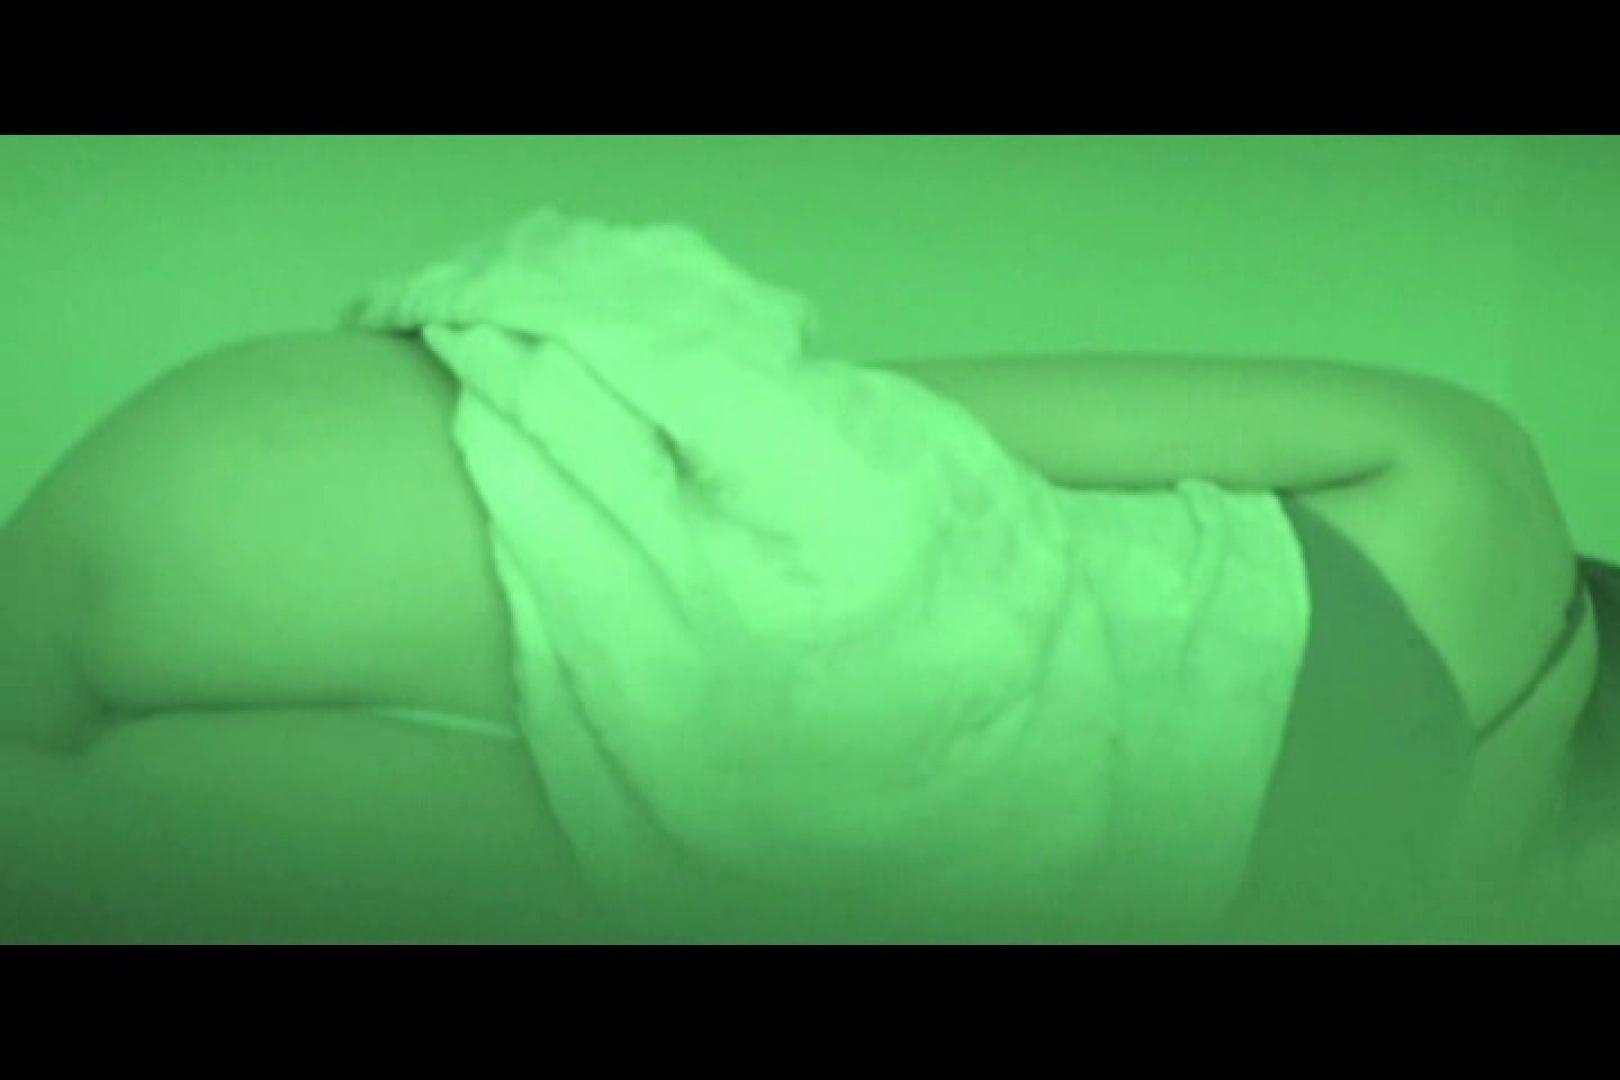 独占配信!無修正! 看護女子寮 vol.08 ナースのエロ動画 ヌード画像 113PIX 22